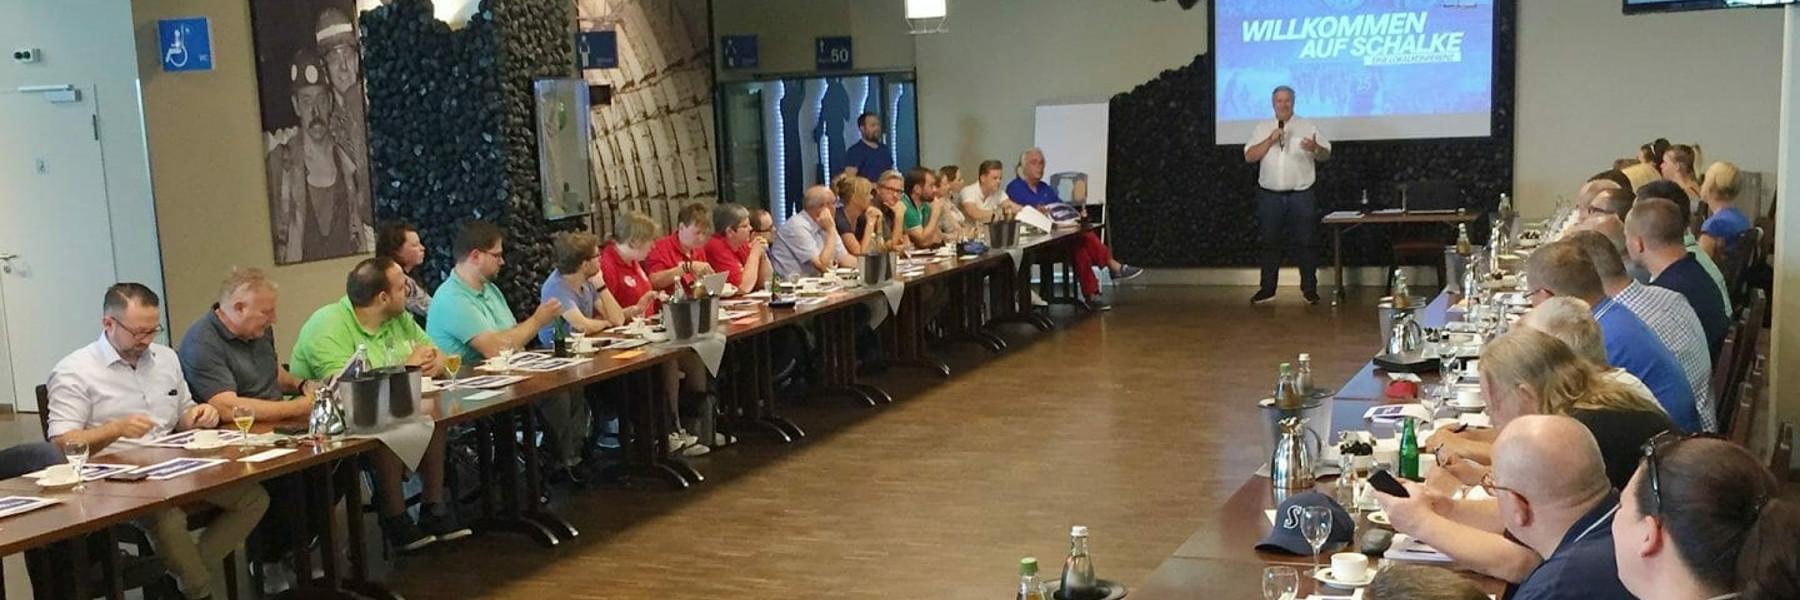 Teilnehmer*innen sitzen sich an Tischen gegenüber. Vorne steht eine Leinwand. Davor steht ein Person und erzählt etwas.